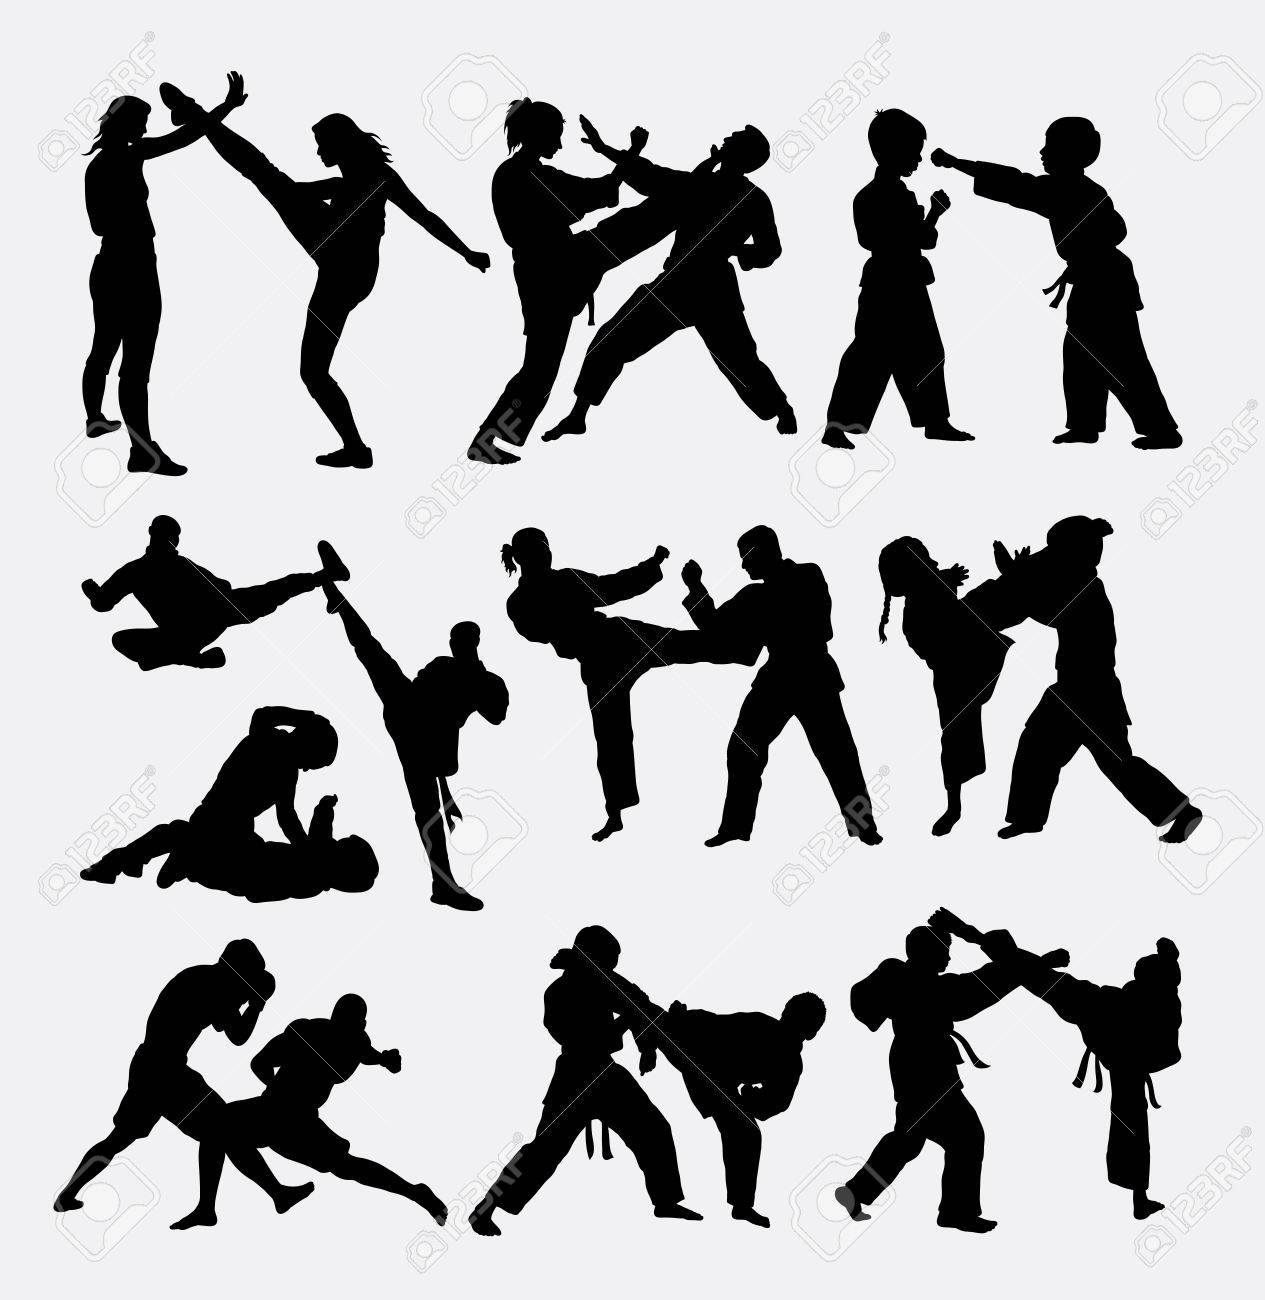 キックボクシング ロイヤリティーフリーフォト、ピクチャー、画像